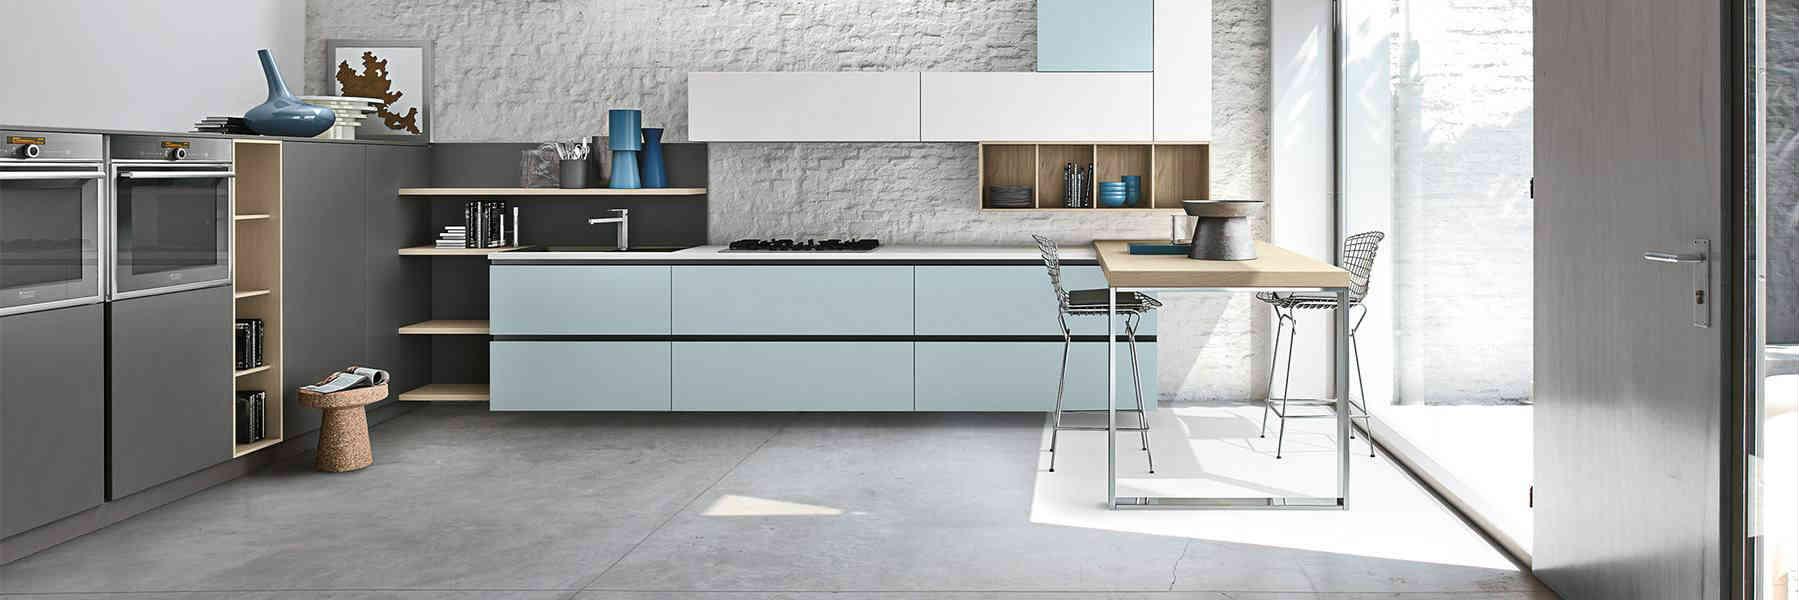 Luxury Modern Kitchen Designs Sydney Sydney Kitchens Renovation